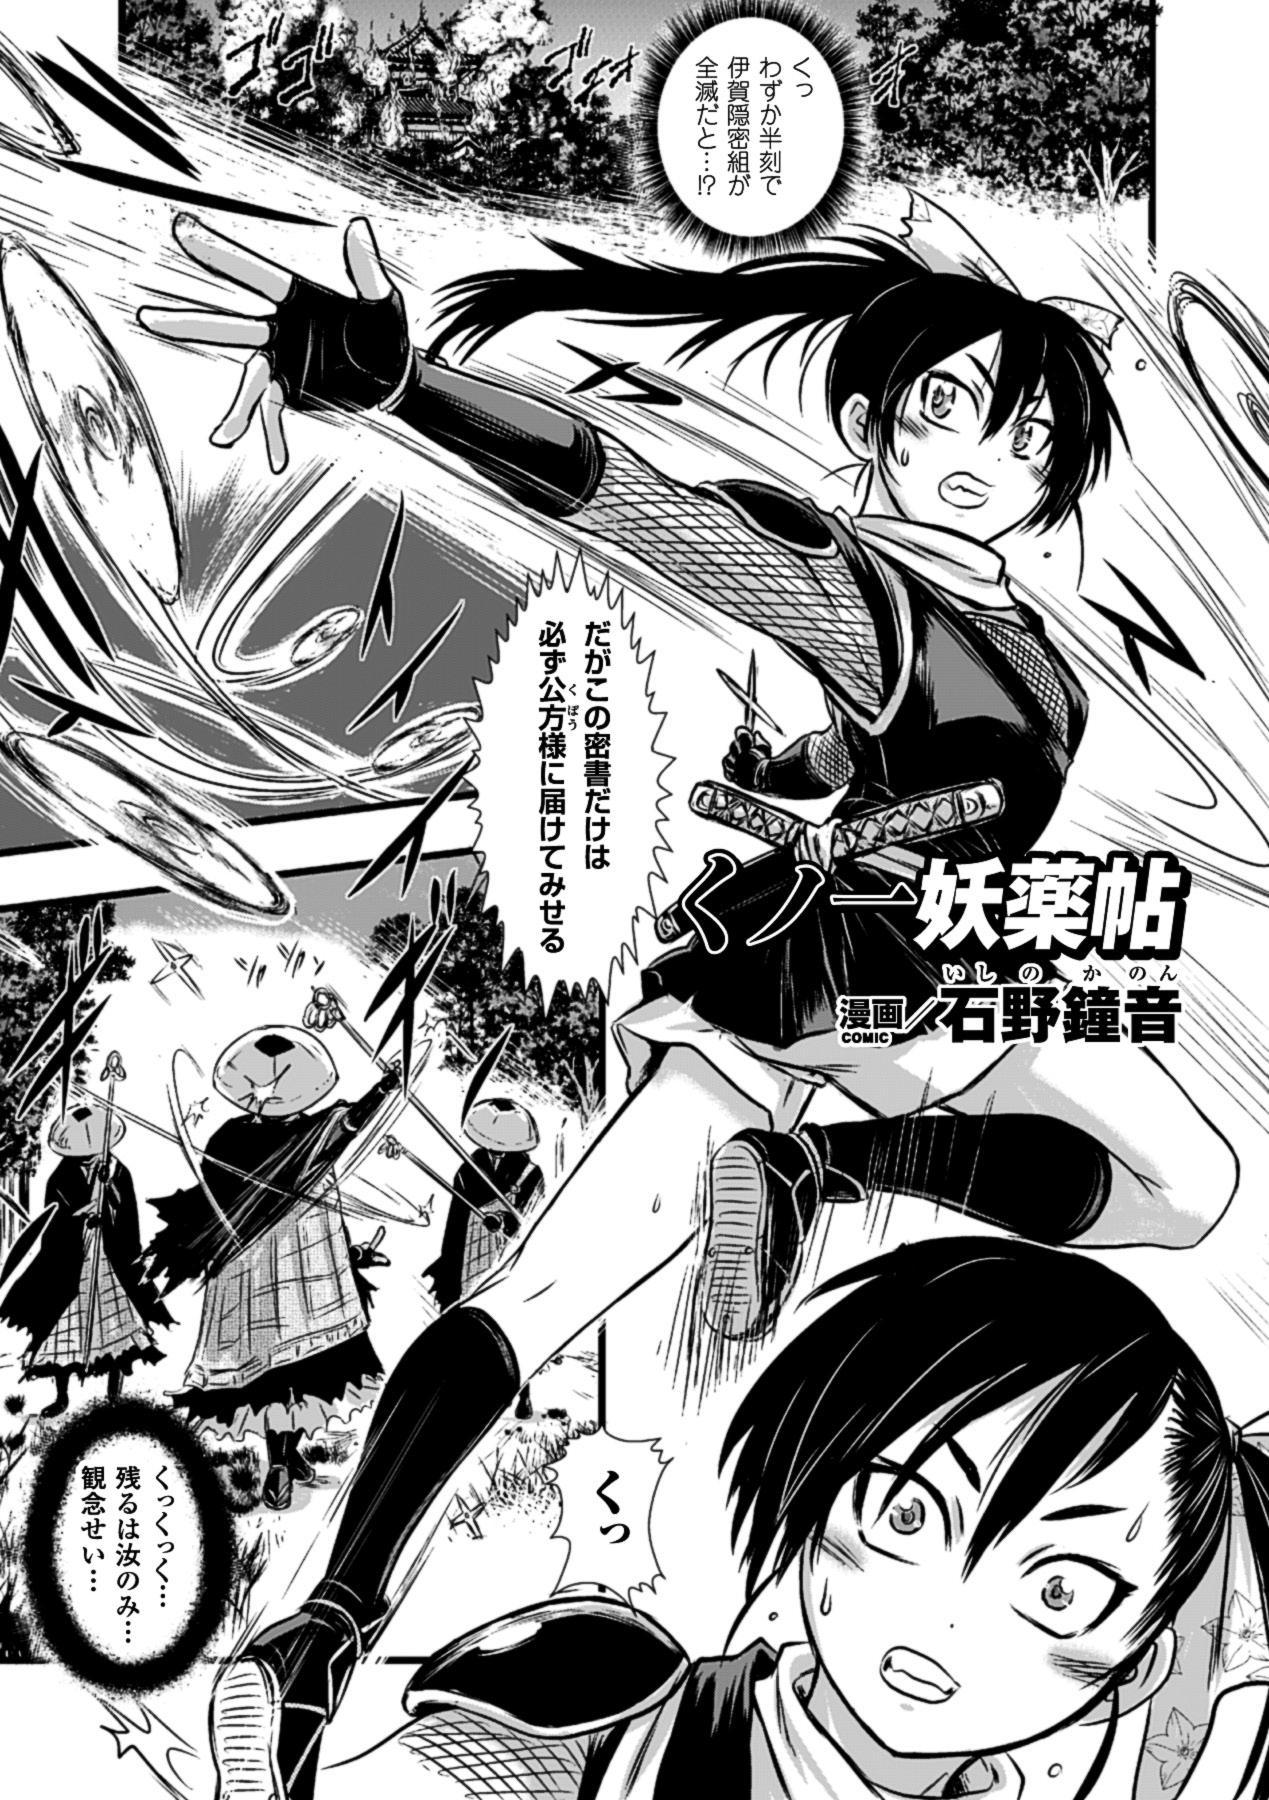 Kusurizuke Heroine wa Shirome Ahegao Ikimakuri Vol.2 45